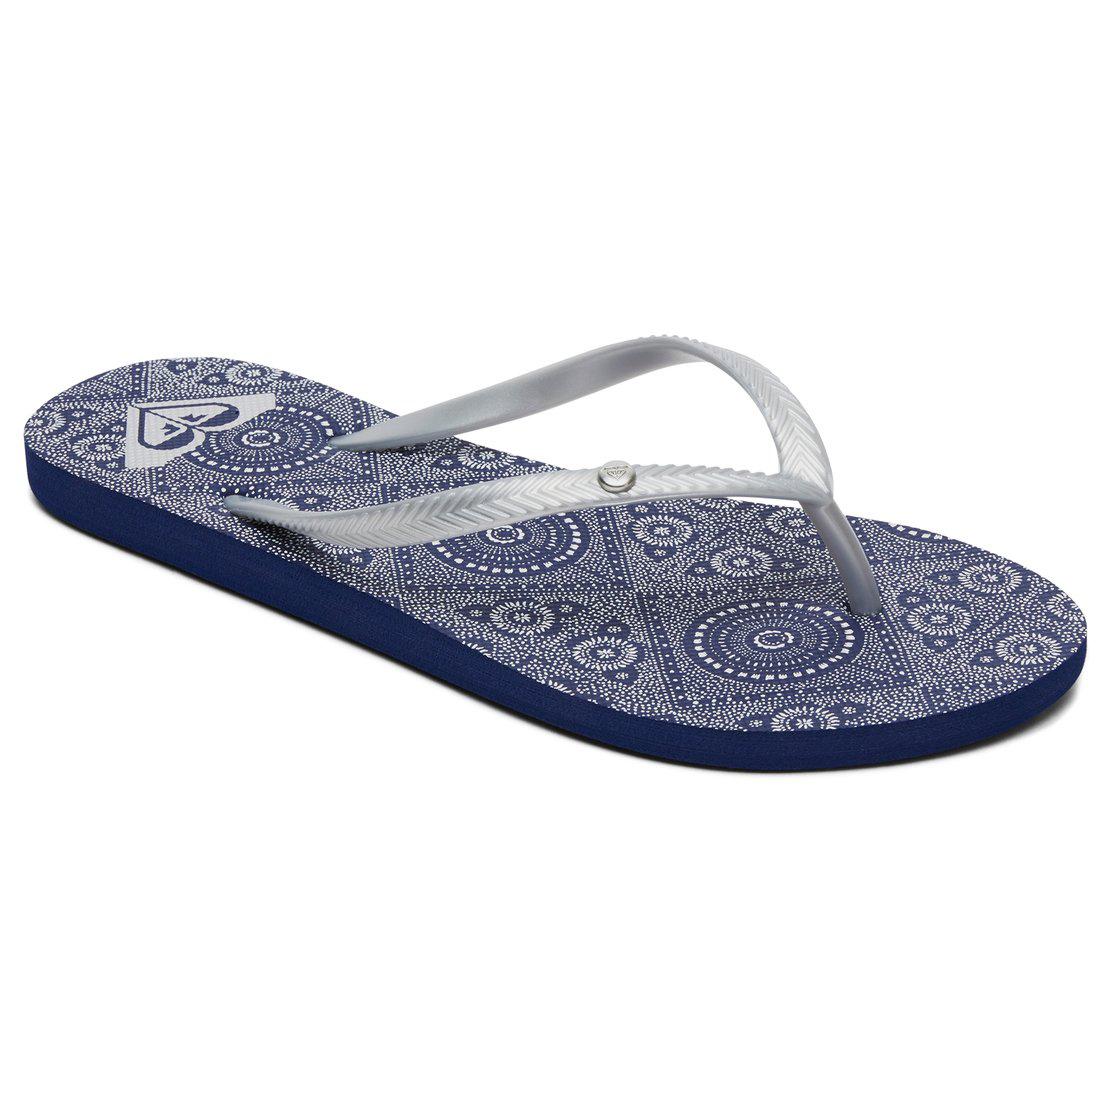 Roxy Women's Bermuda Ii Flip-Flops - Blue, 9